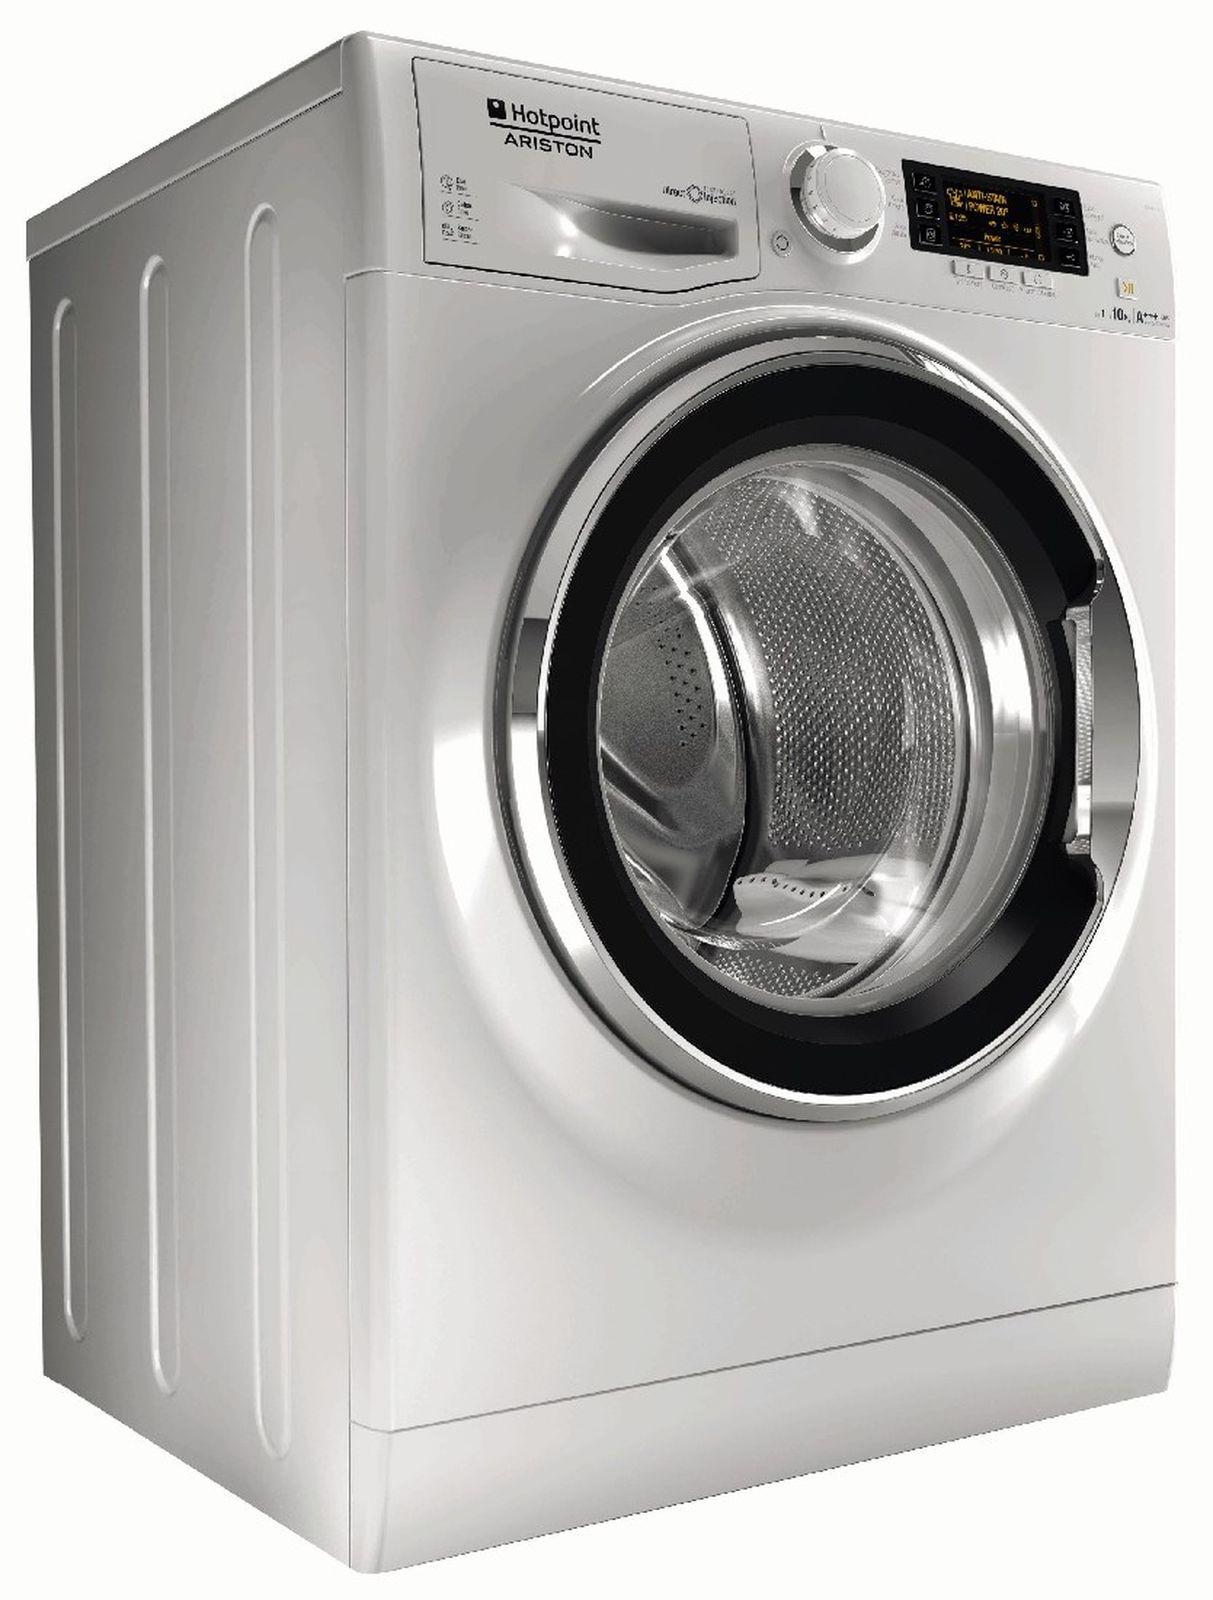 Картинки стиральной машины аристон